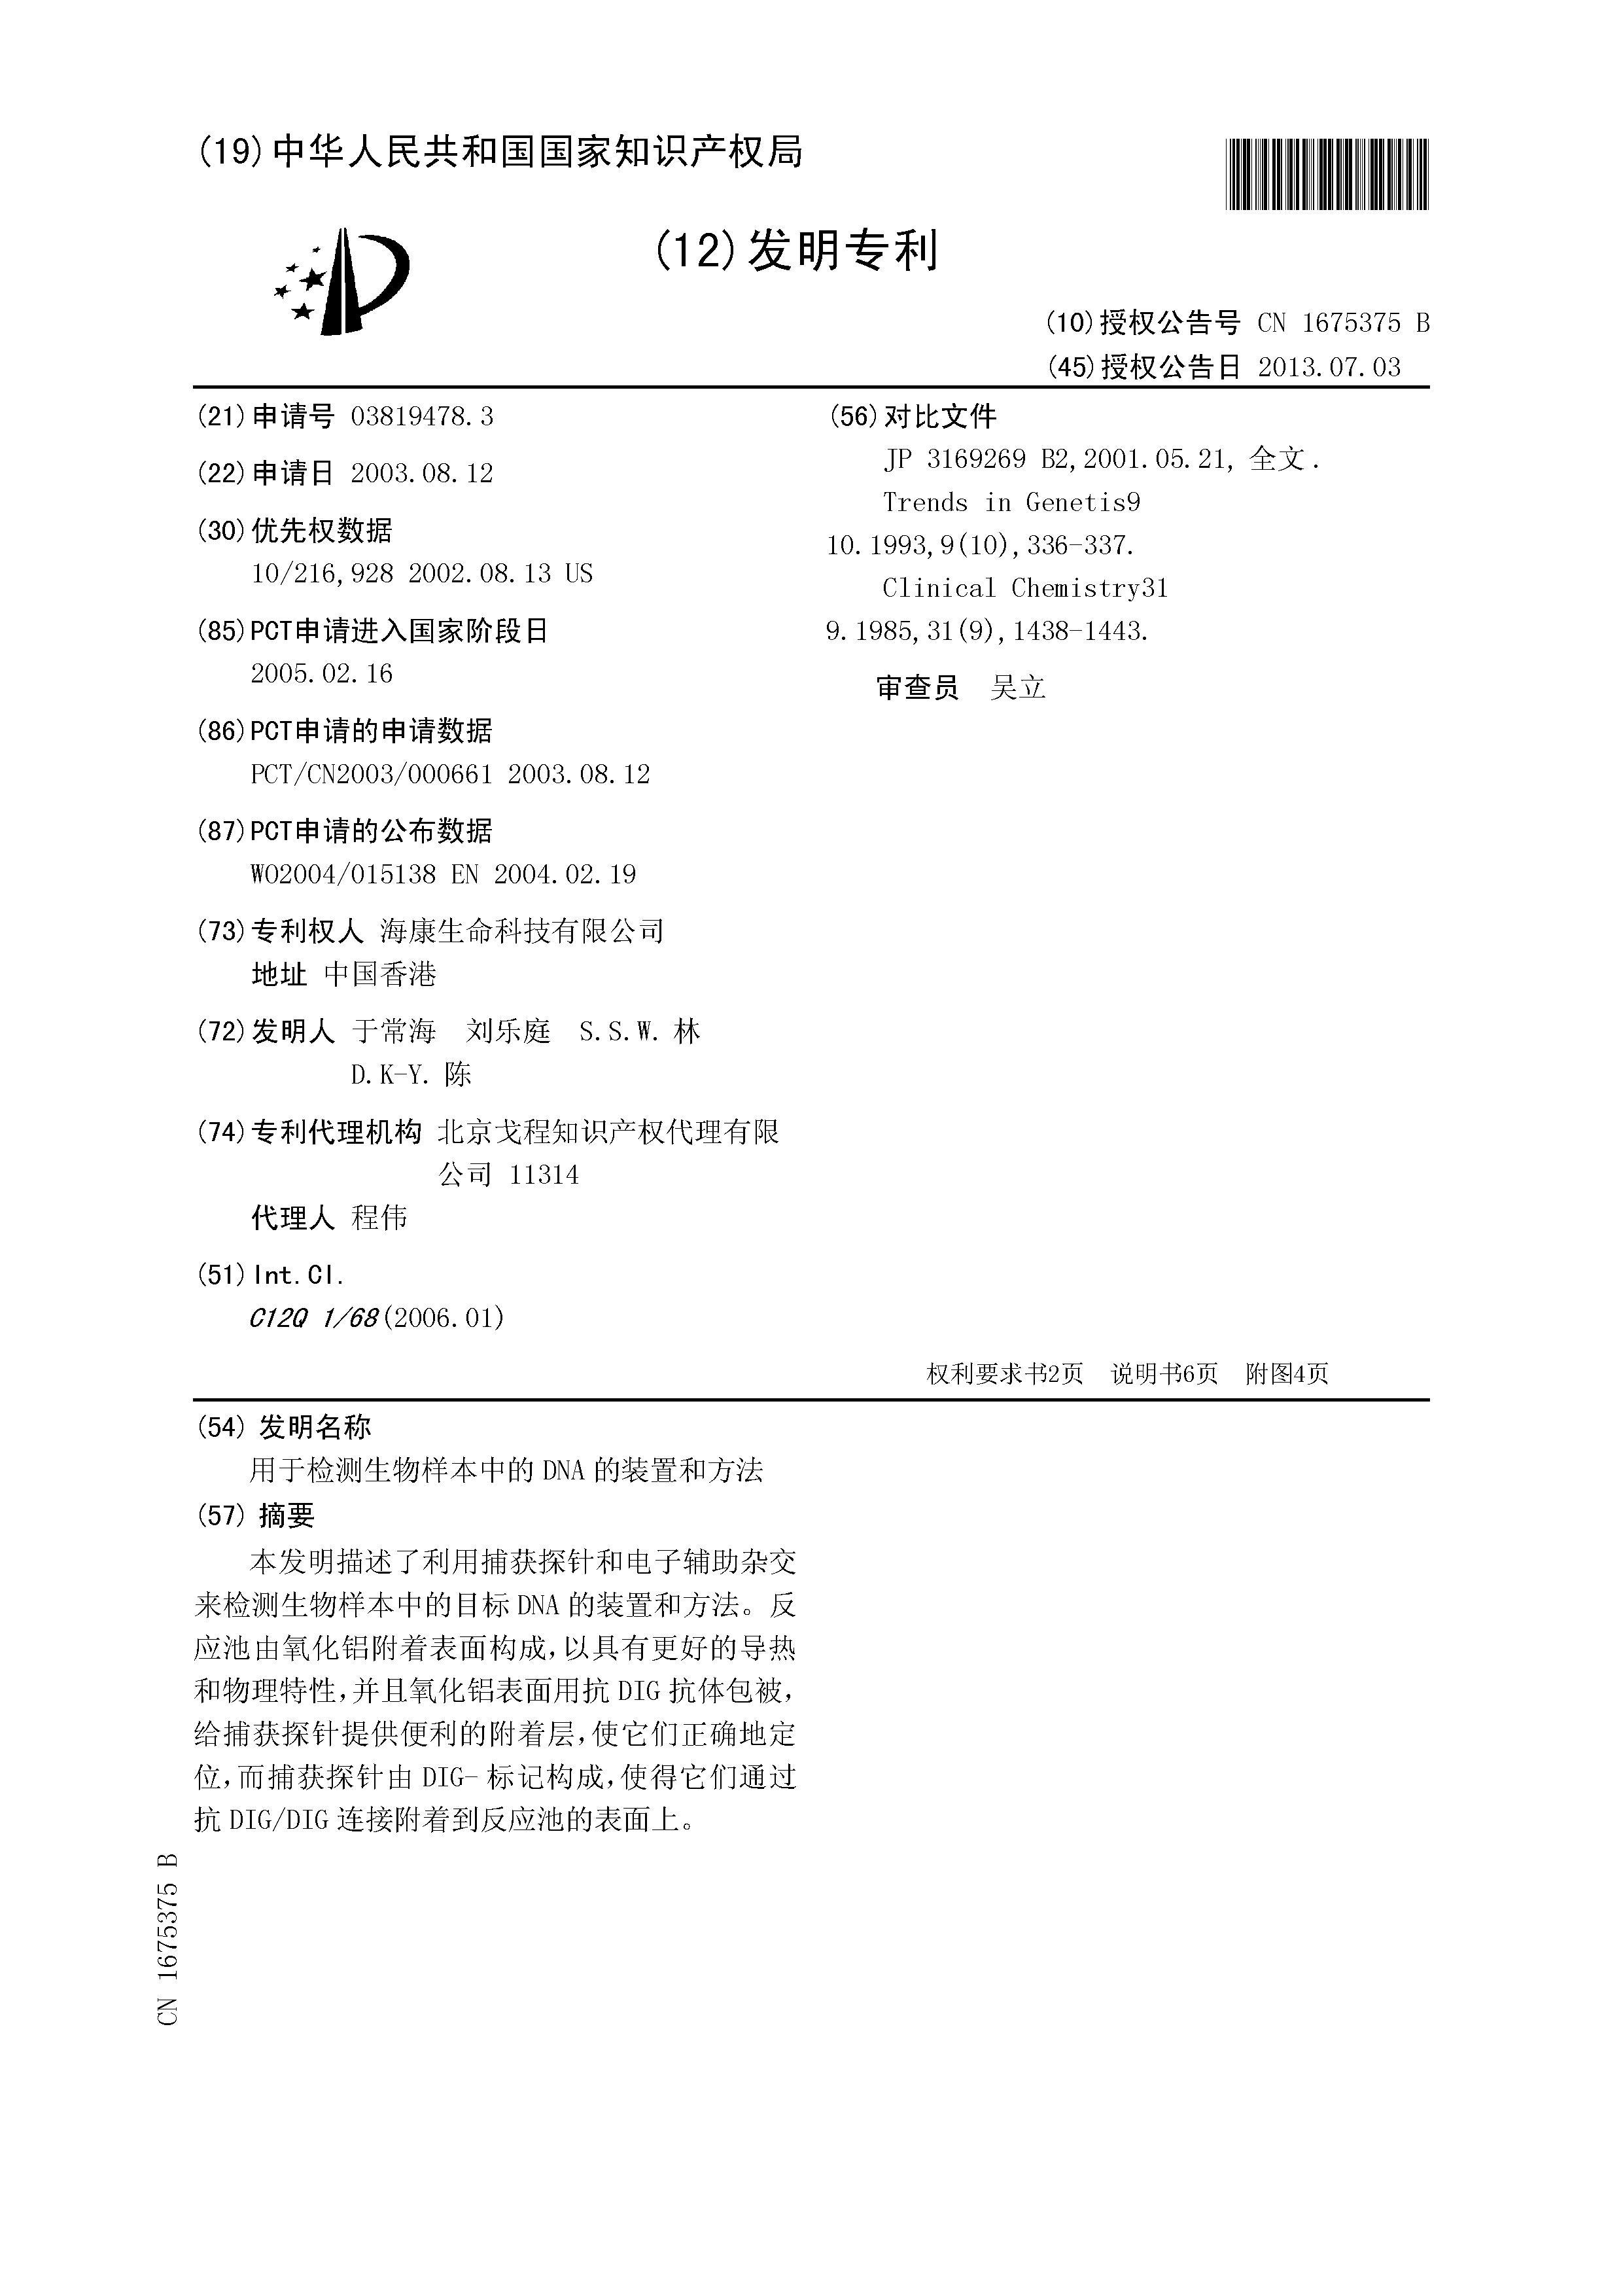 038194783 xinpian